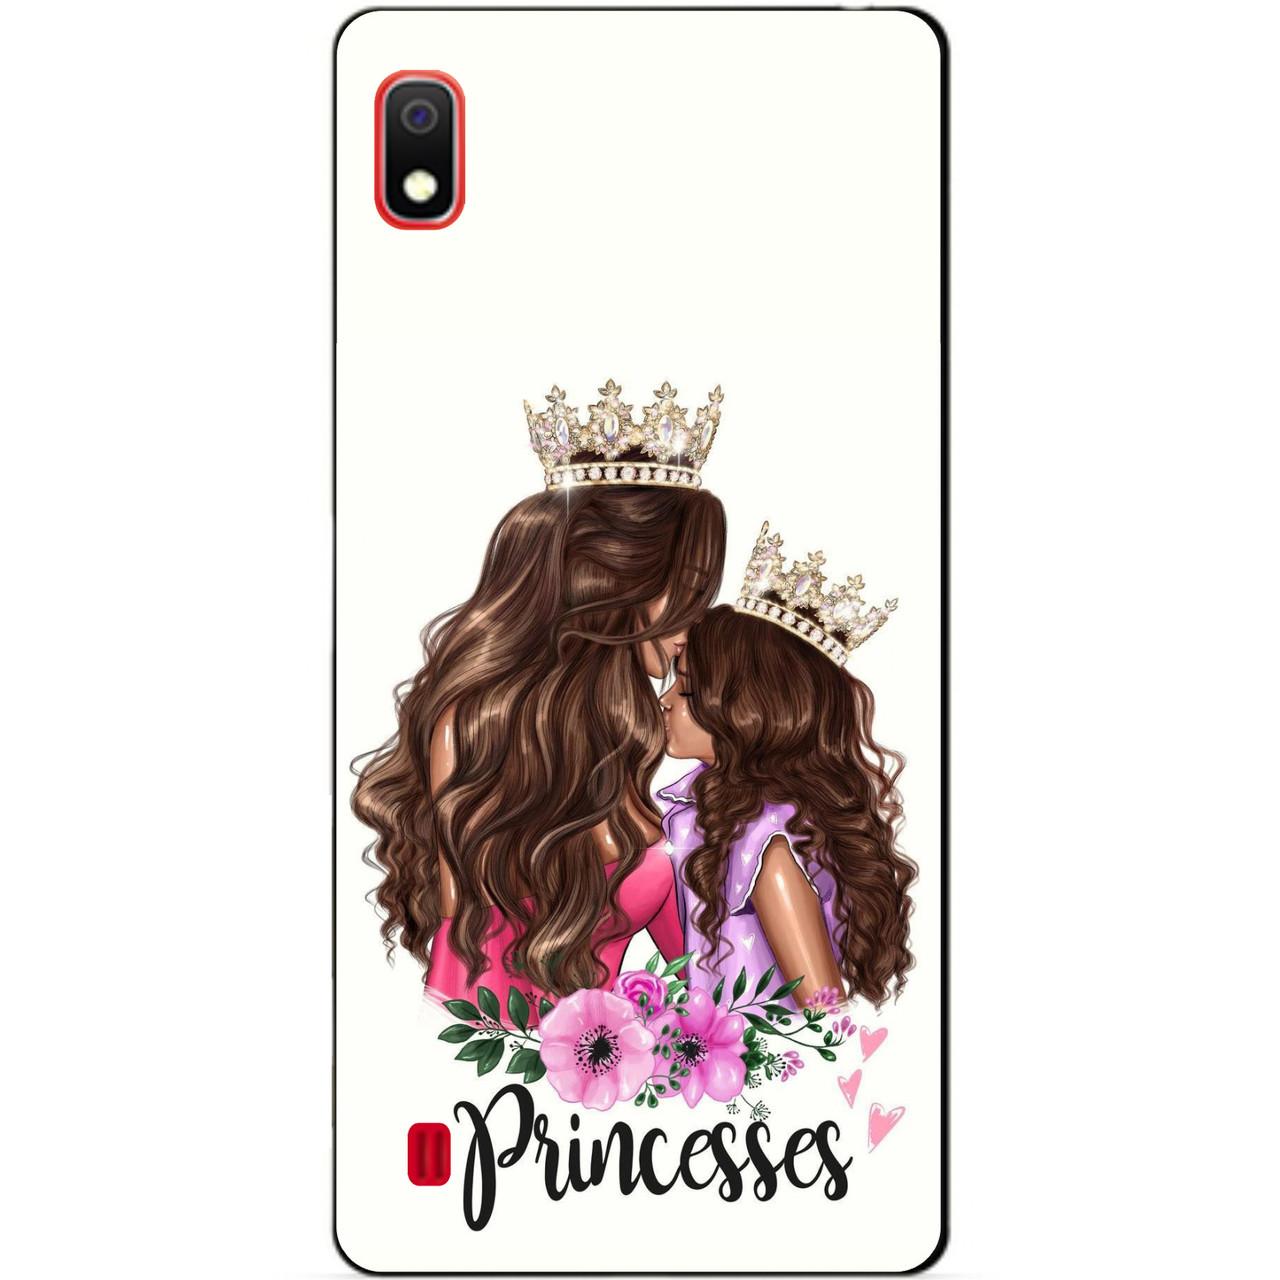 Силиконовый чехол для Samsung A10 с рисунком Принцесс